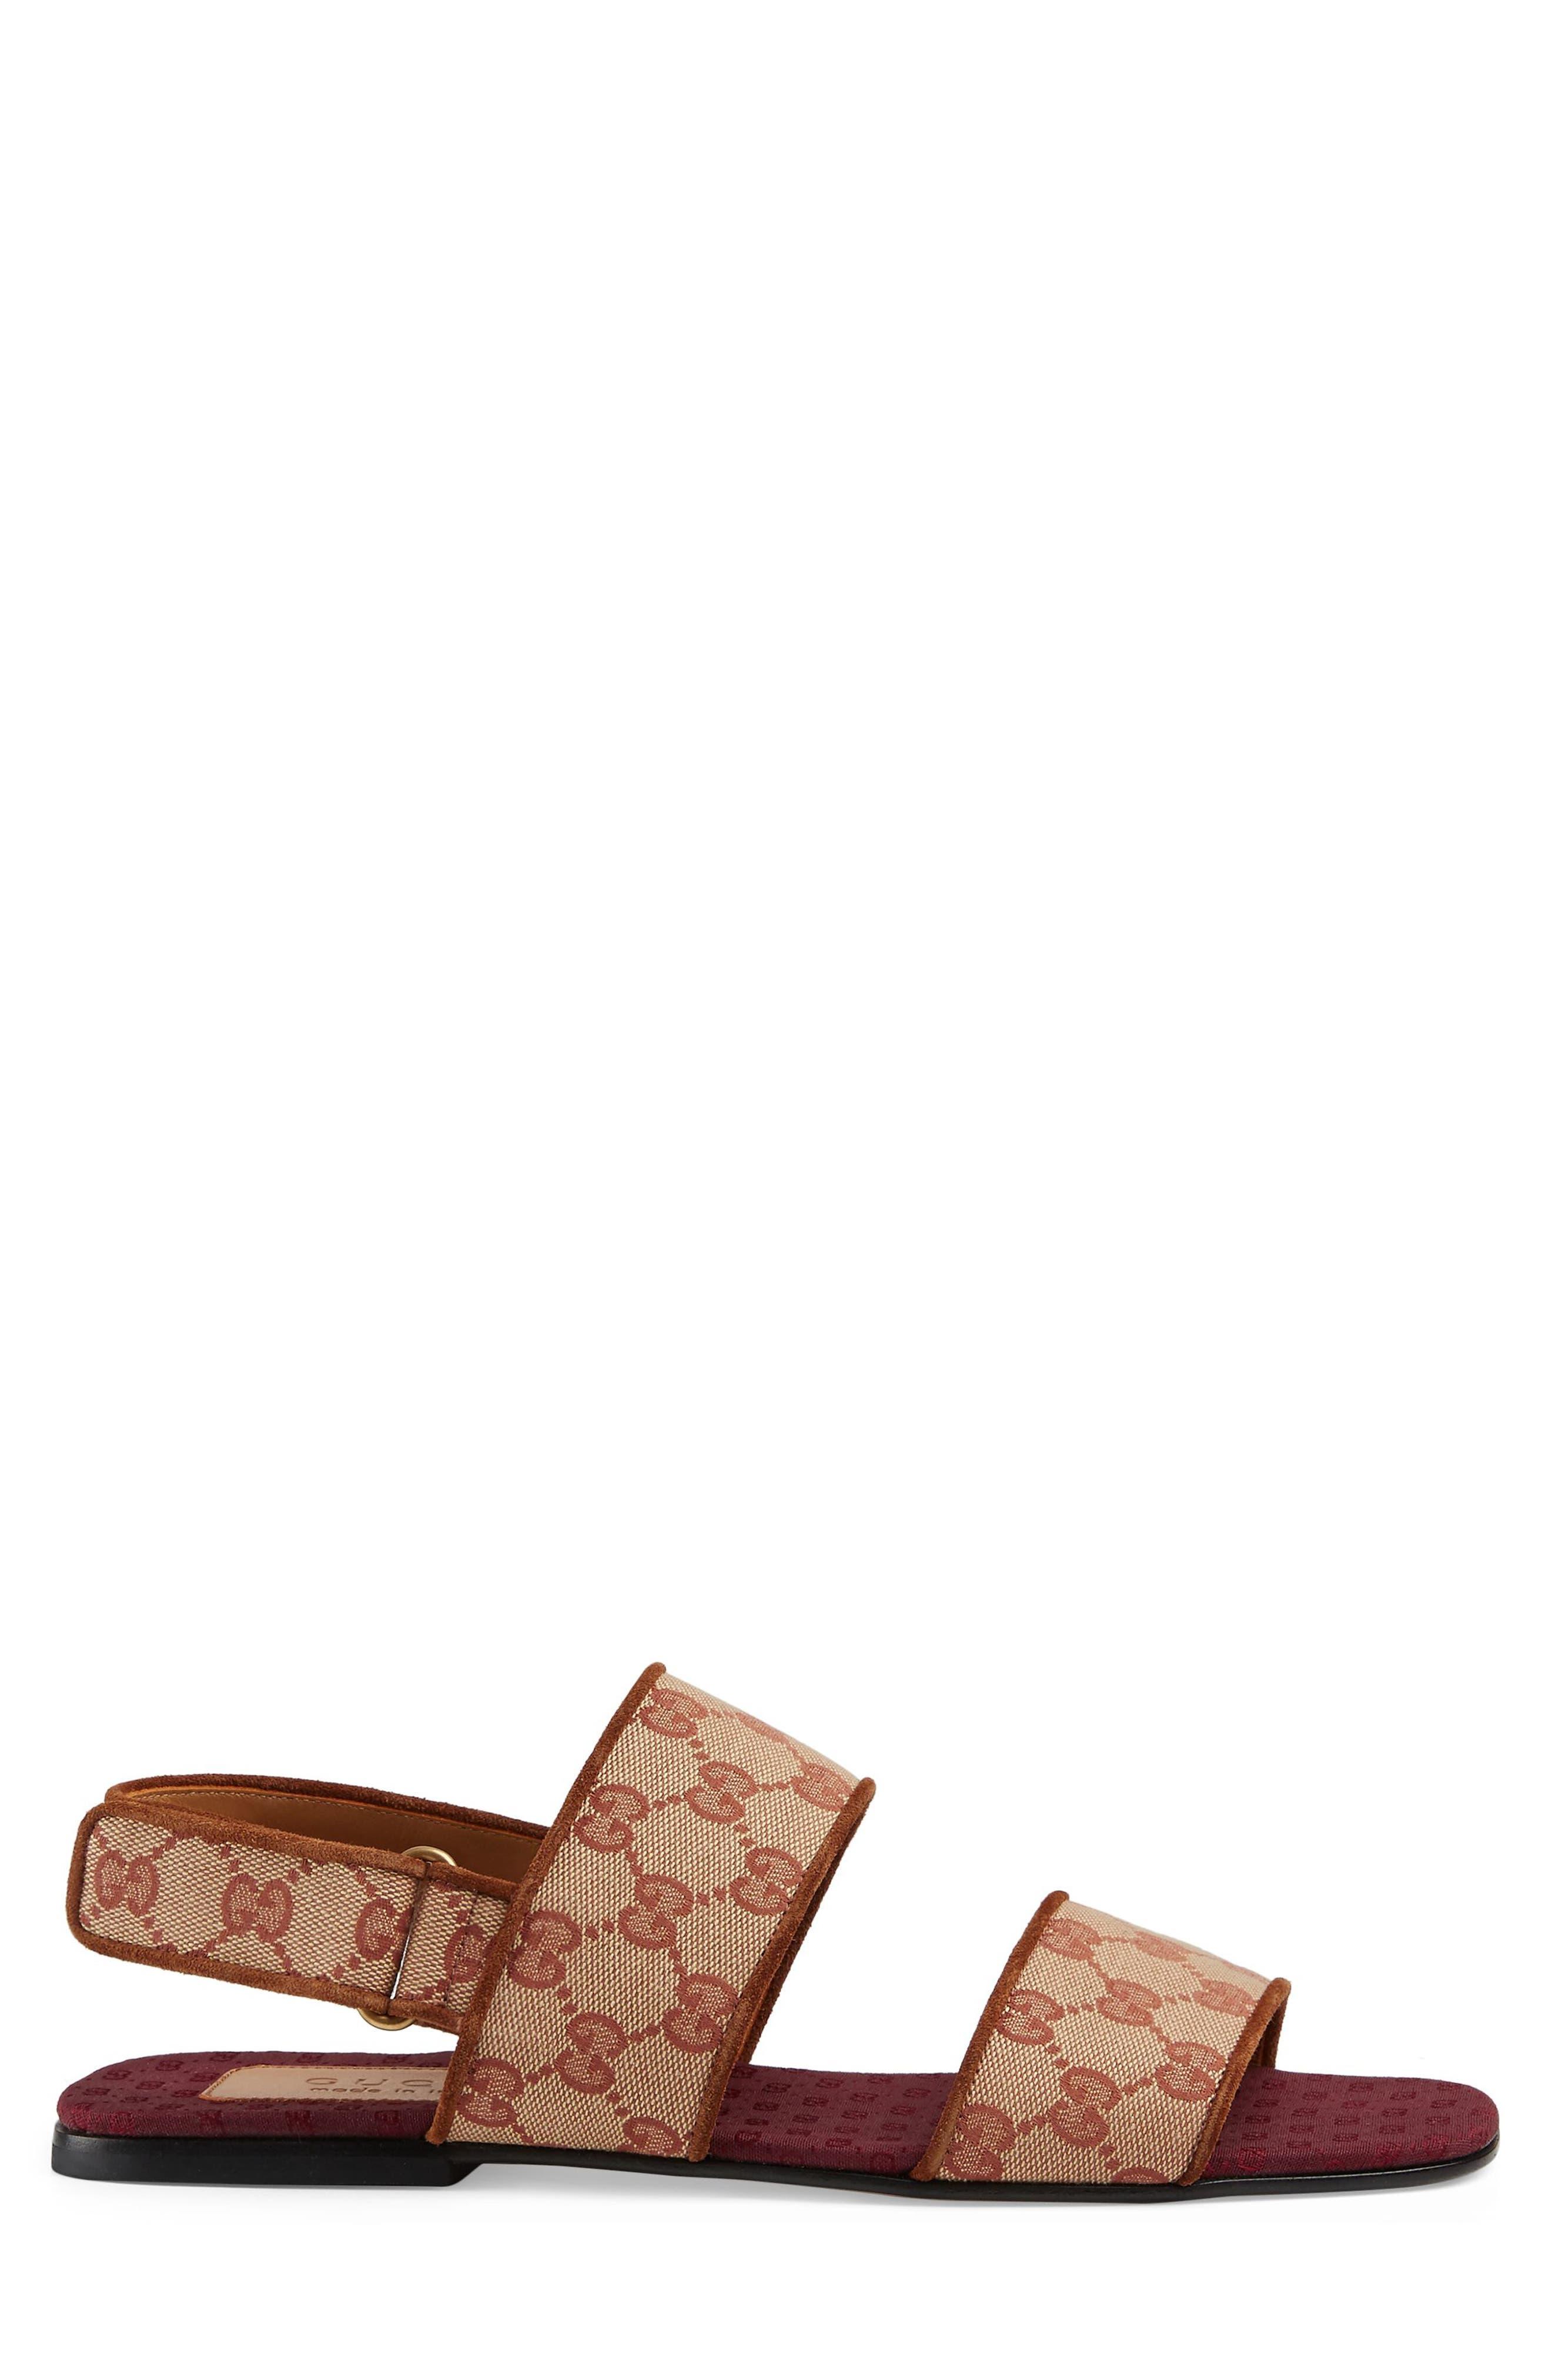 huge selection of cb099 deb64 Men s Gucci Sandals, Slides   Flip-Flops   Nordstrom